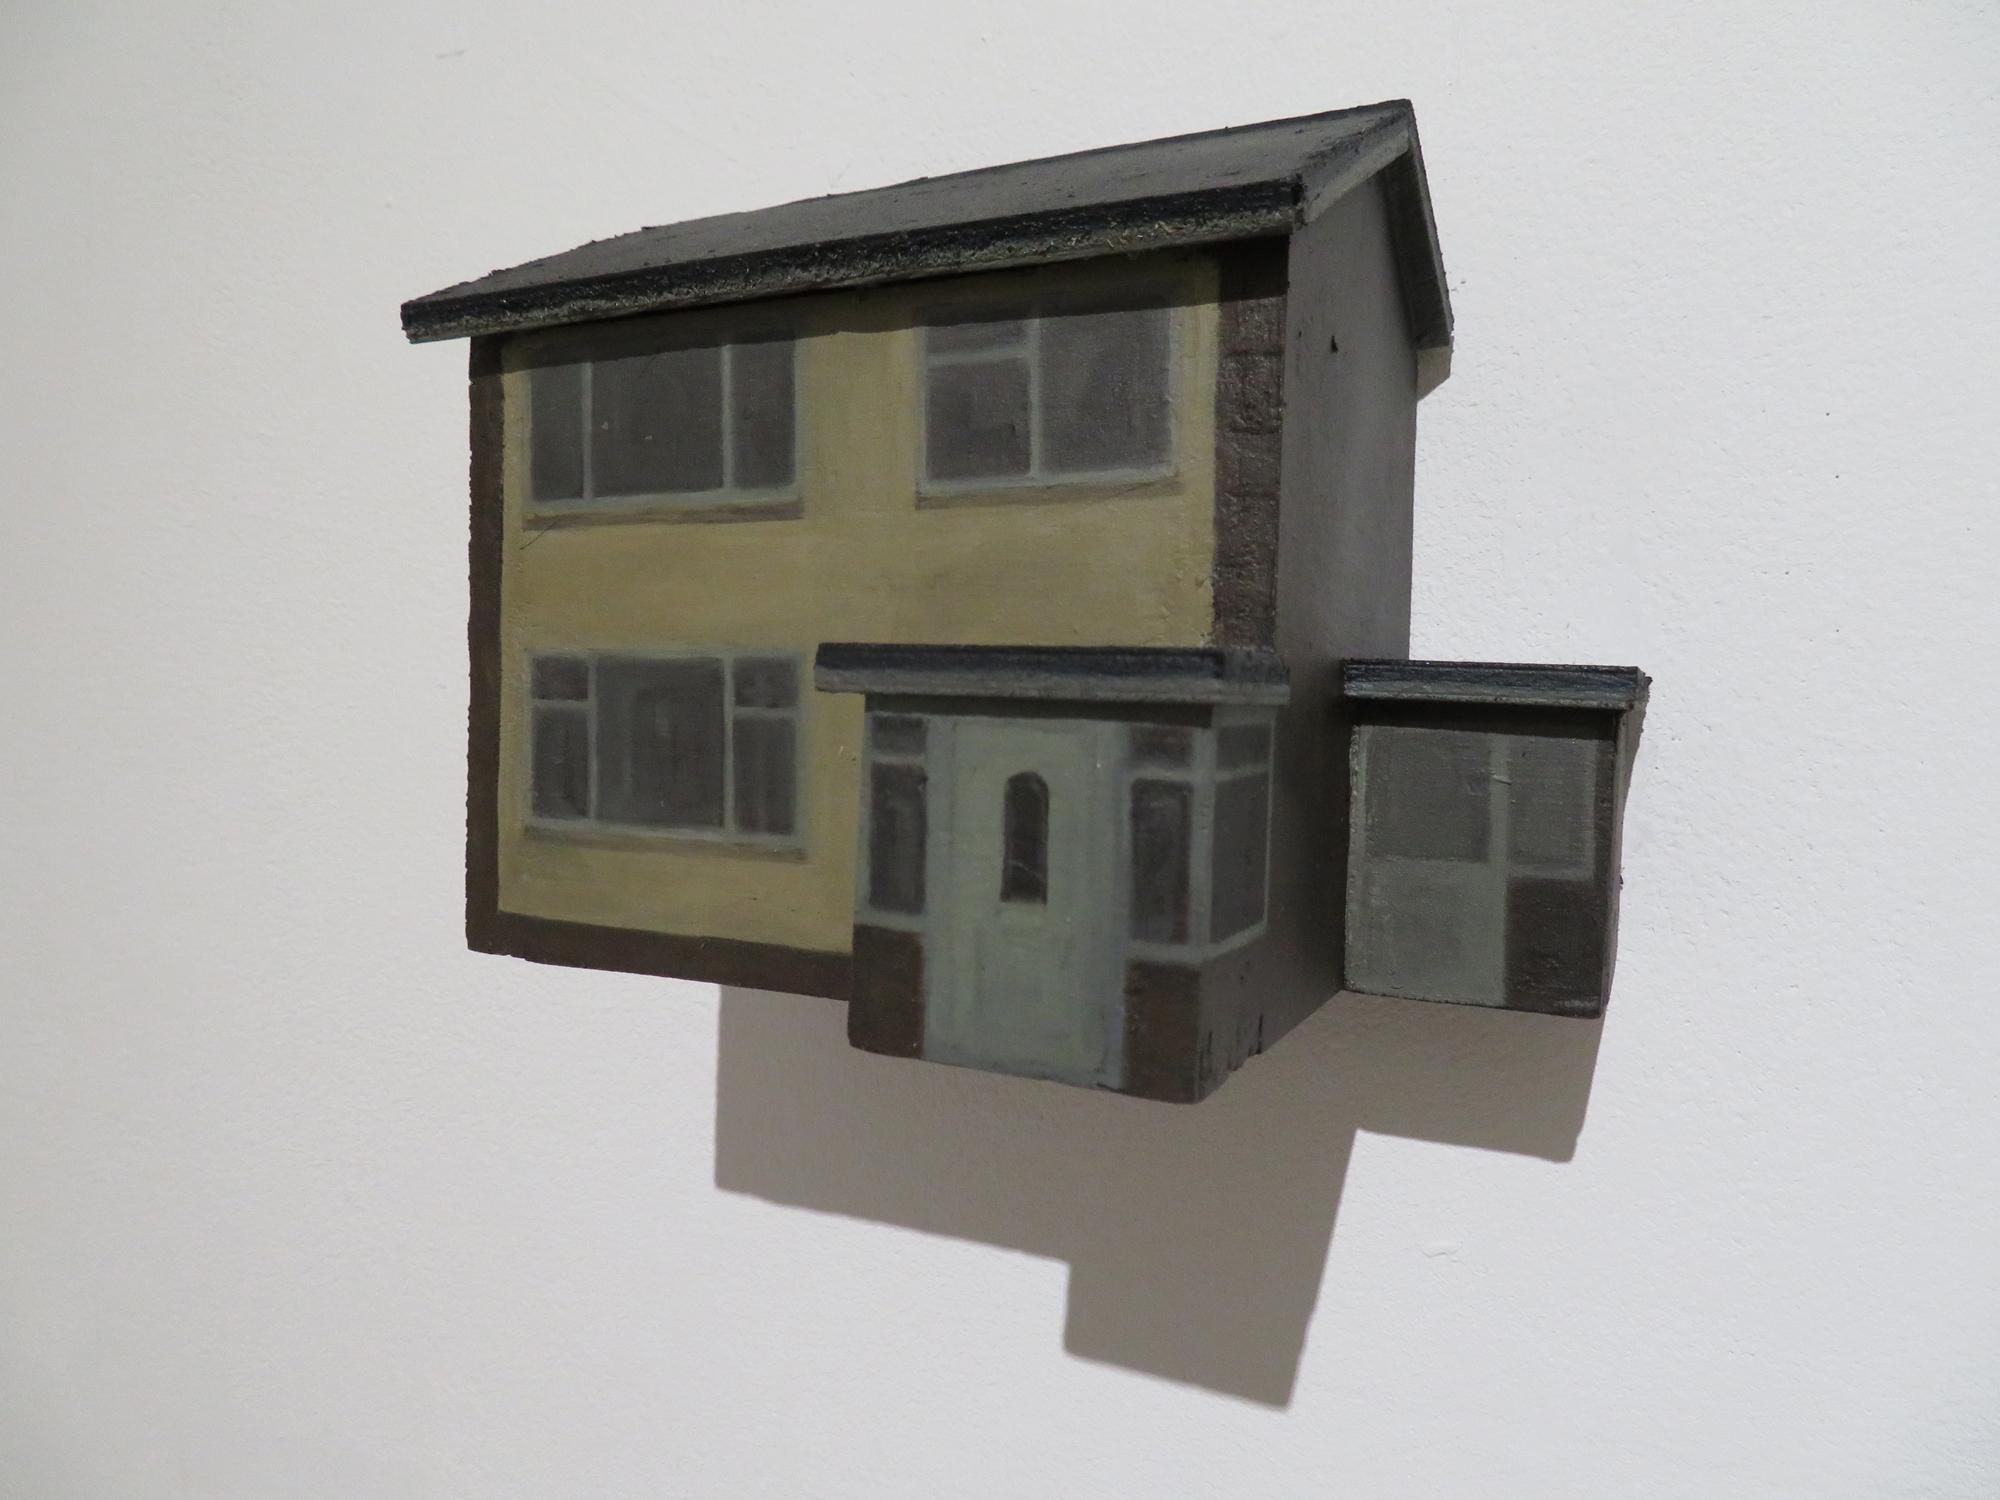 House no.10